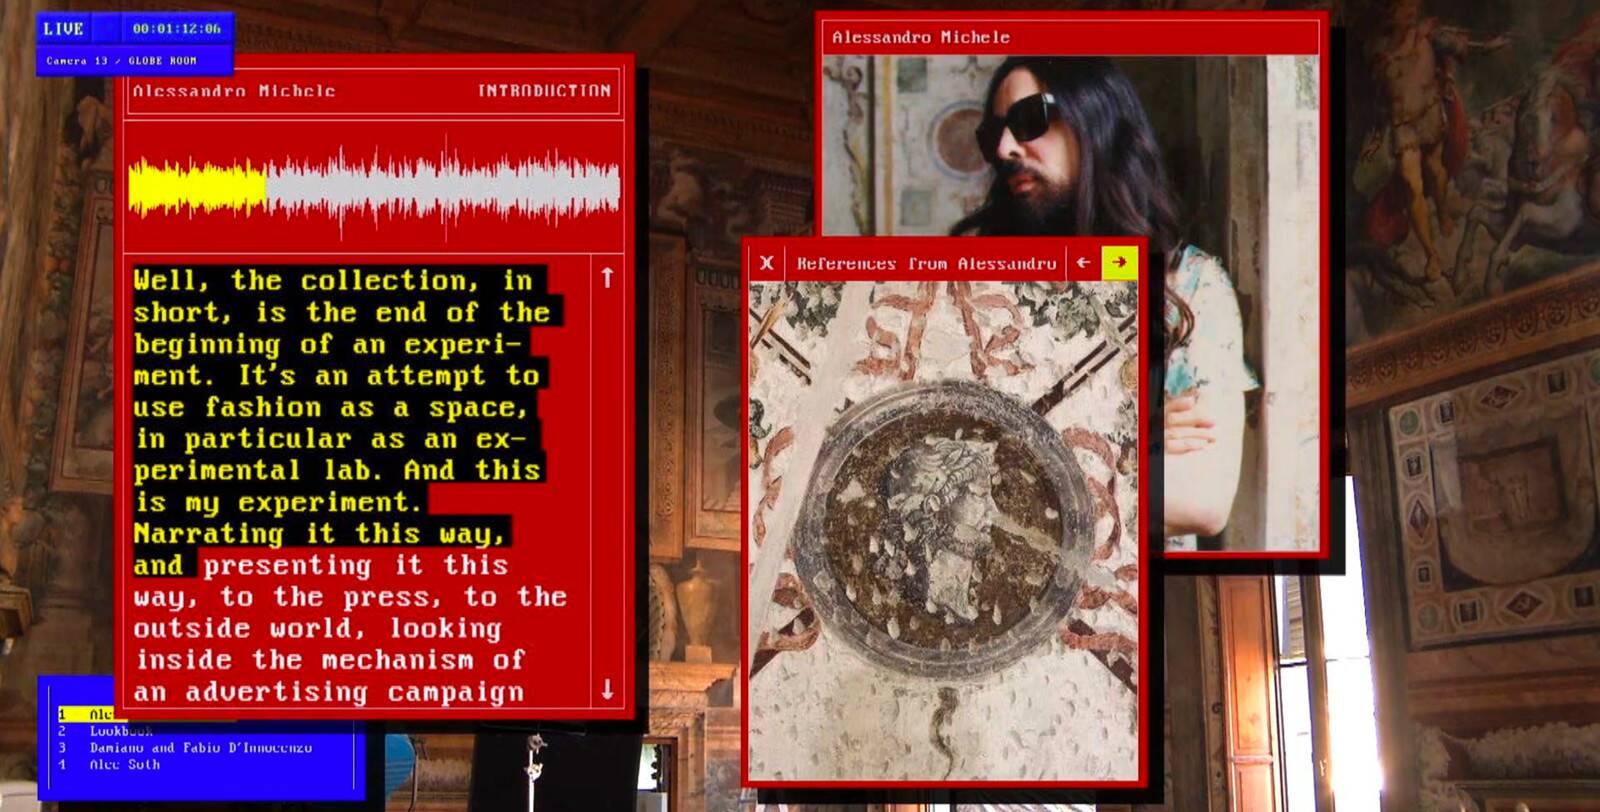 Khám phá chiến dịch huyền ảo mới của Gucci bởi nhiếp ảnh gia Alec Soth nổi tiếng - 18